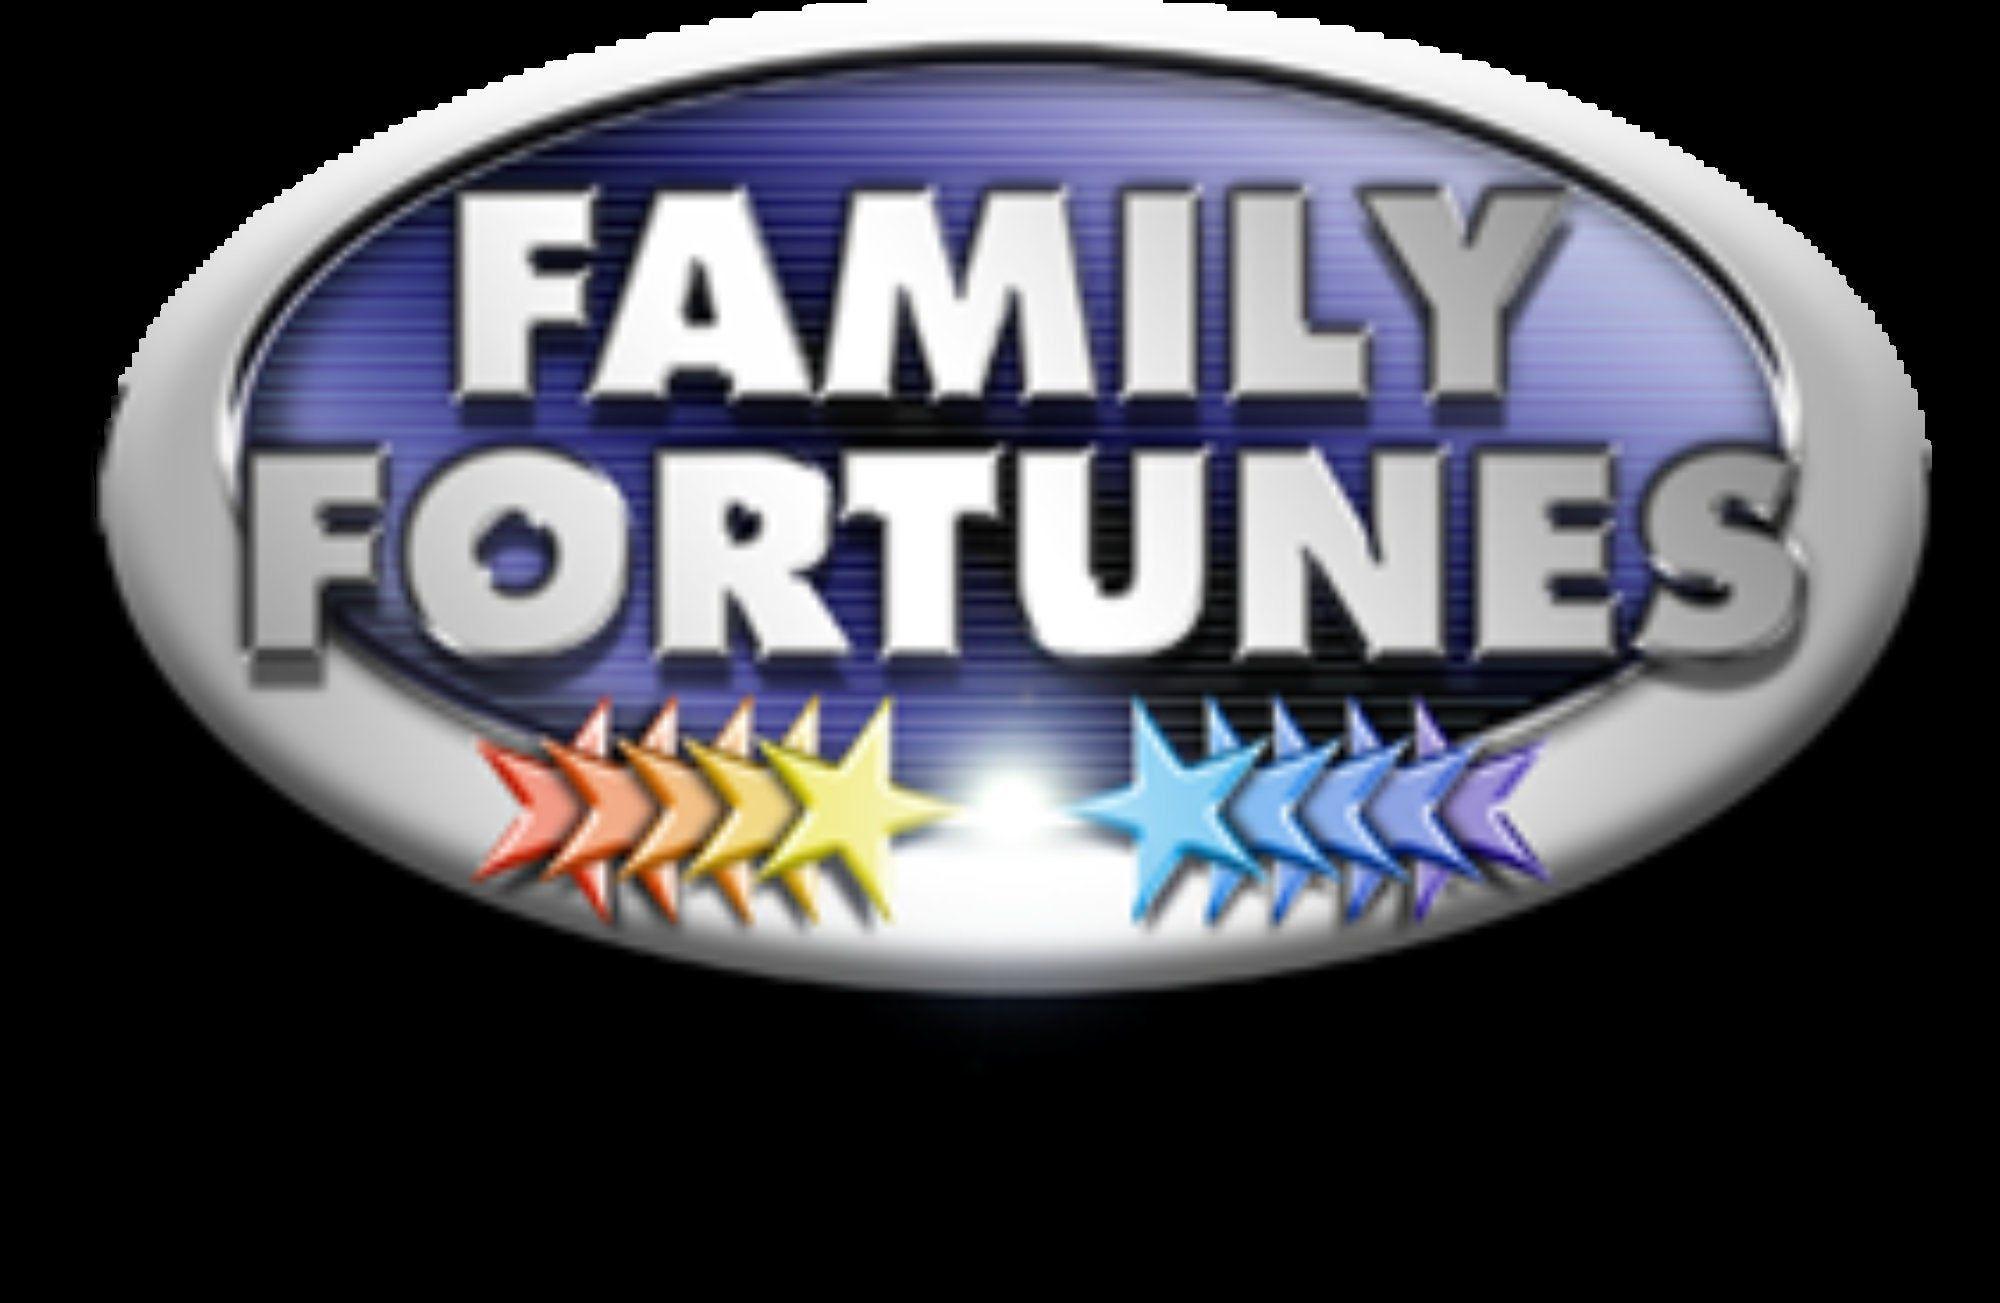 free pub quiz family fortunes around